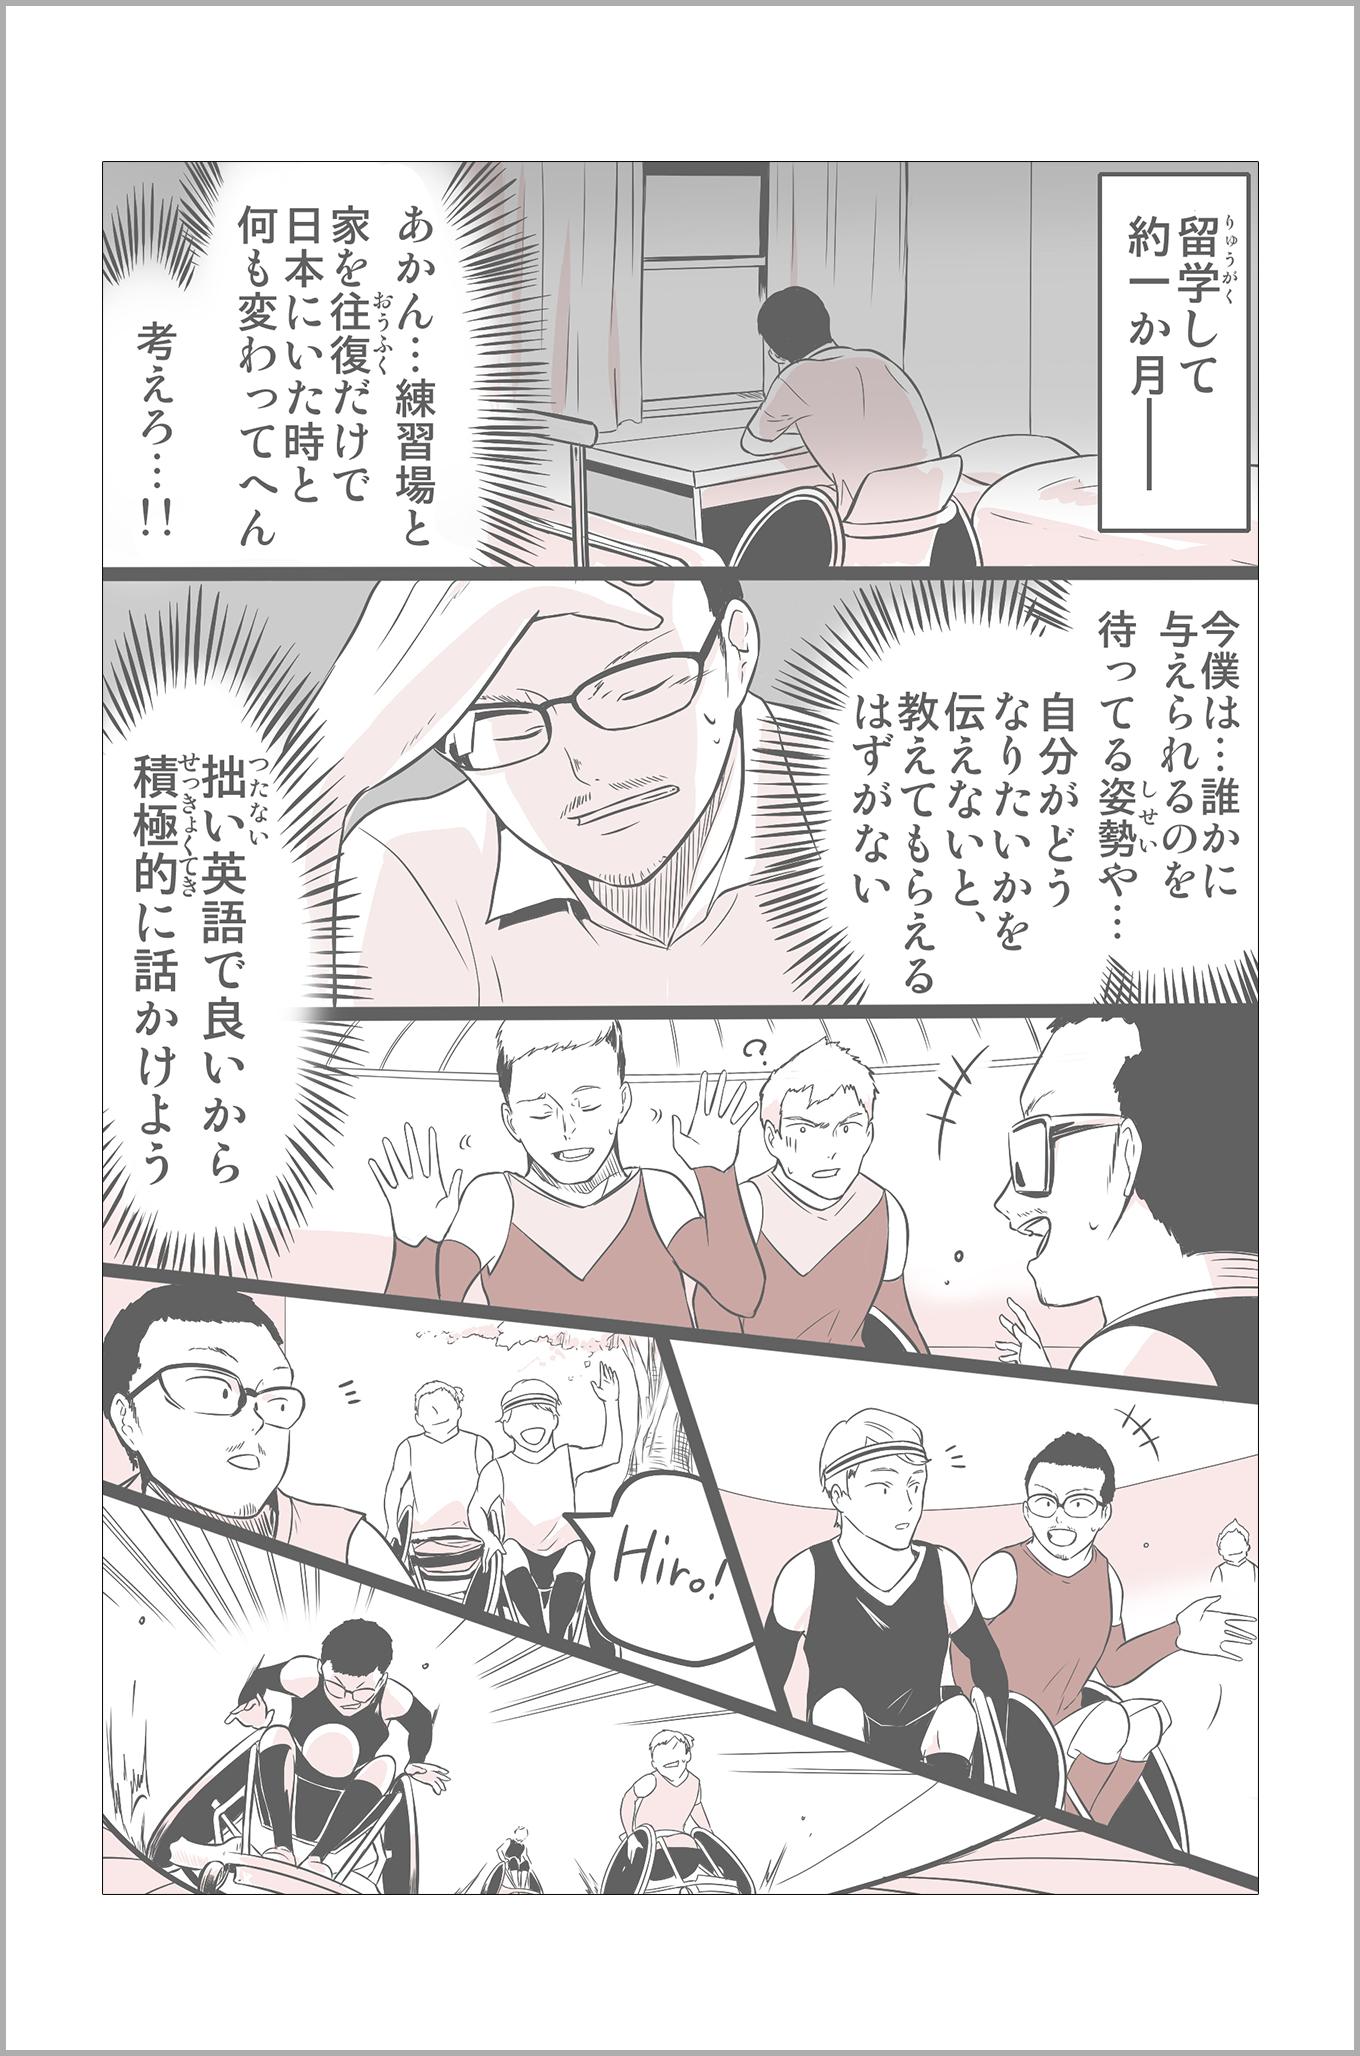 留学して約一カ月ー。「あかん…練習場と家を往復だけで日本にいた時と何も変わってへん。考えろ!今僕は誰かに与えられるのを待っている姿勢や…自分がどうなりたいかを伝えてないと教えてもらえるはずがない。拙い英語で良いから積極的に話しかけよう」